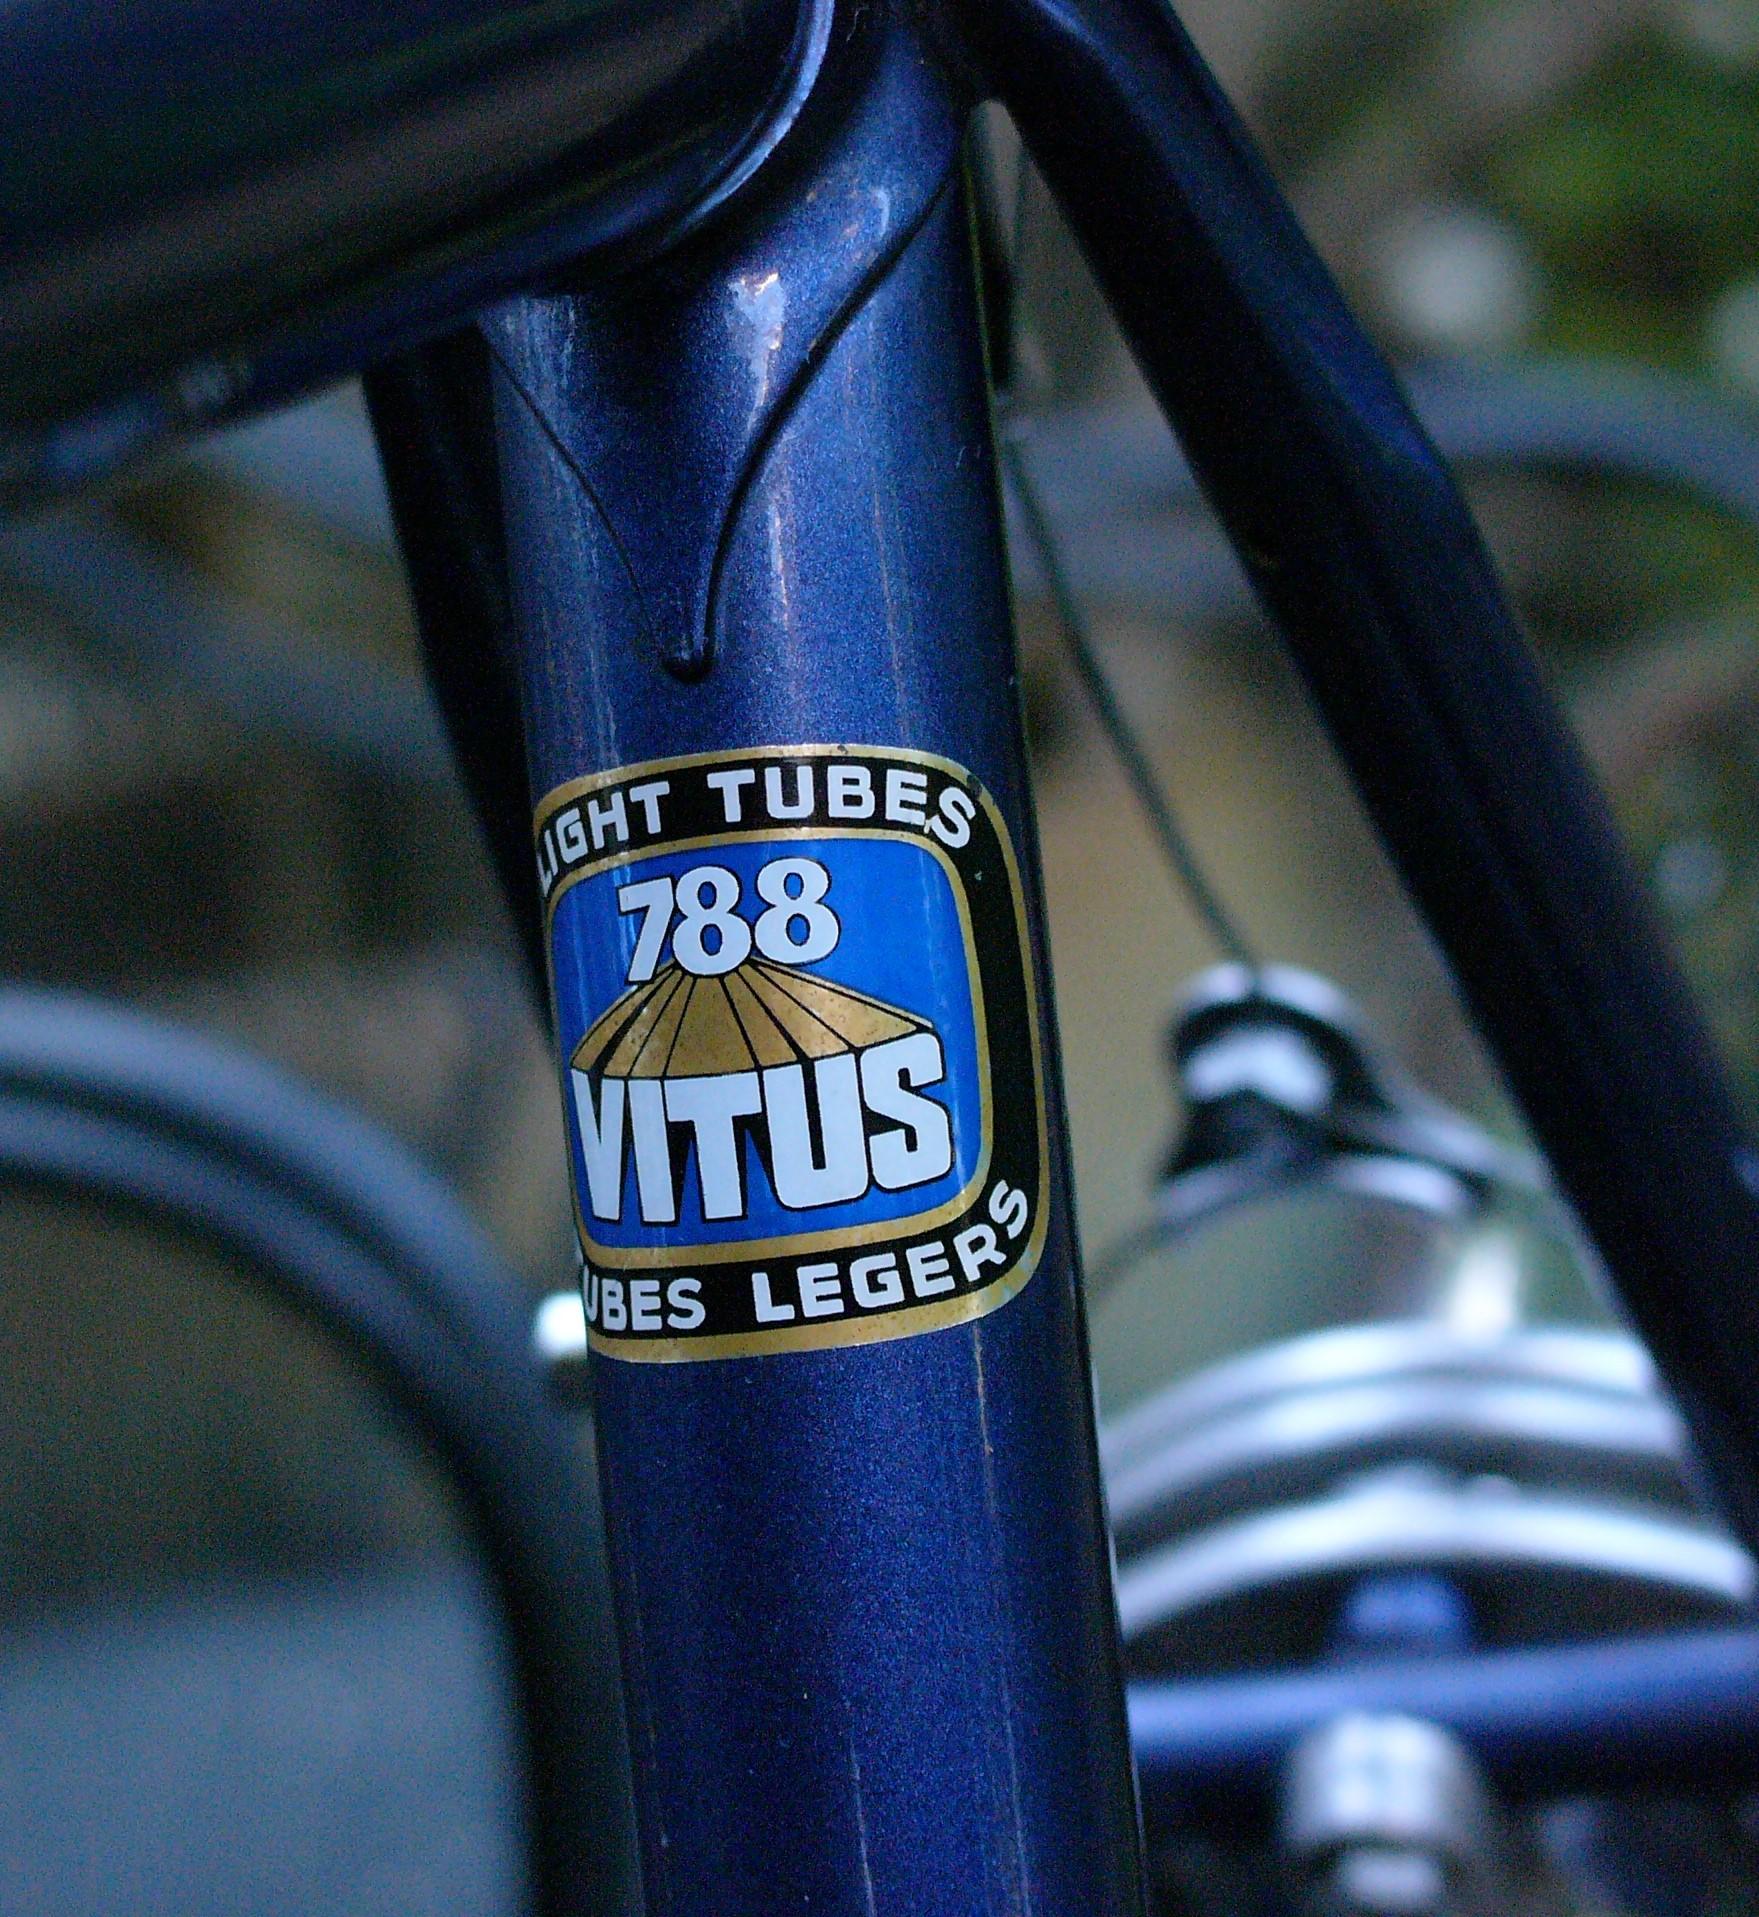 Super Vitus 172 tubing sticker.